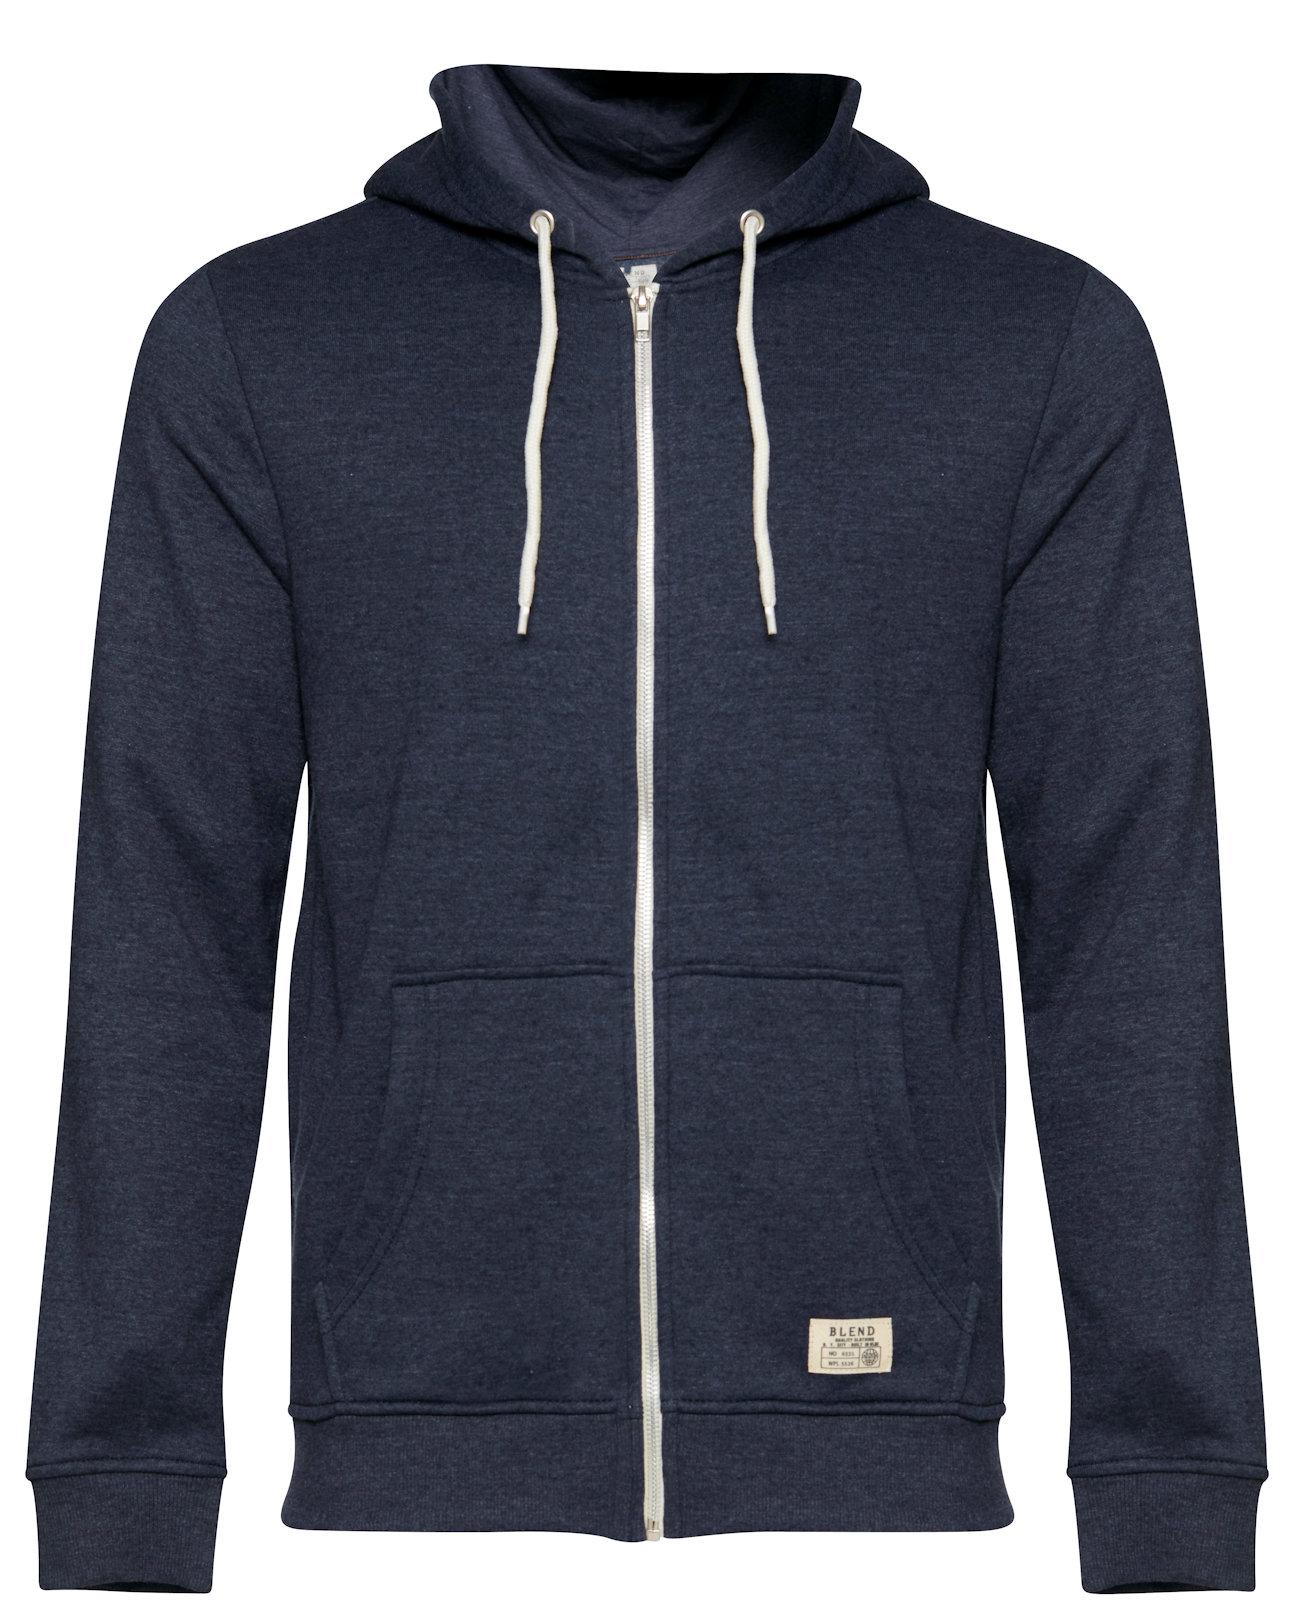 blend hoodie herren sweatshirt jacke zipper kapuzen. Black Bedroom Furniture Sets. Home Design Ideas